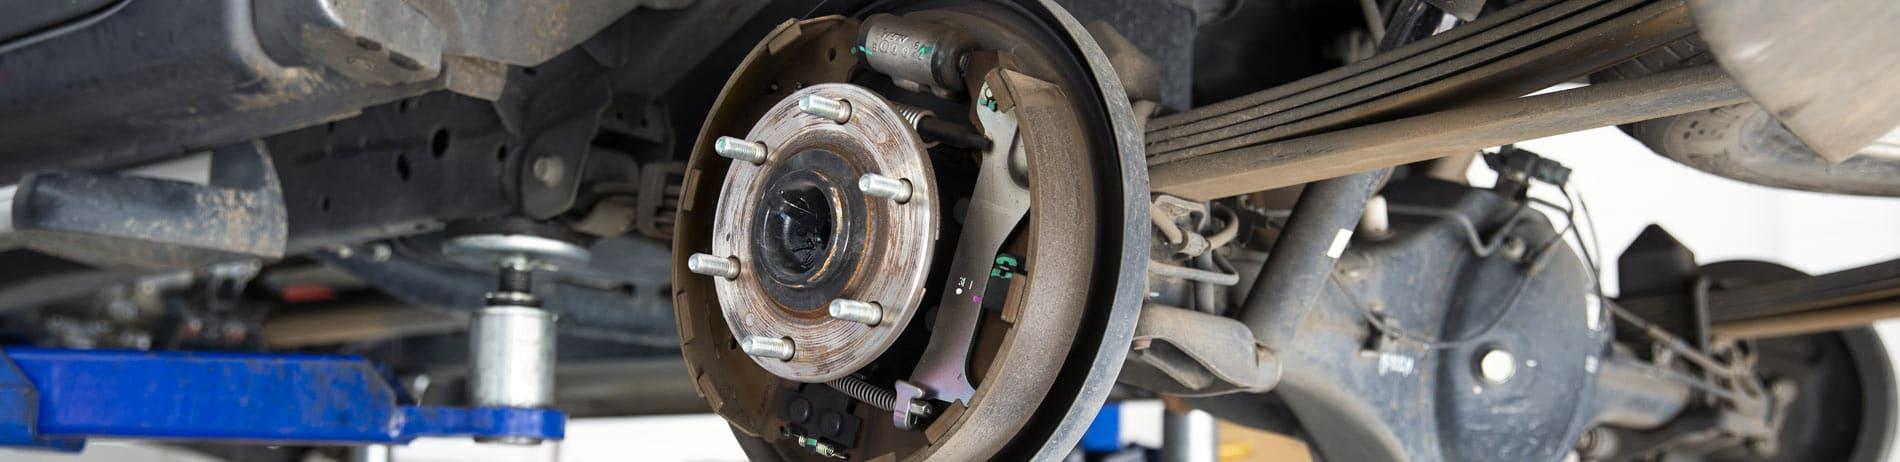 brake repairs slide - Brake Repairs